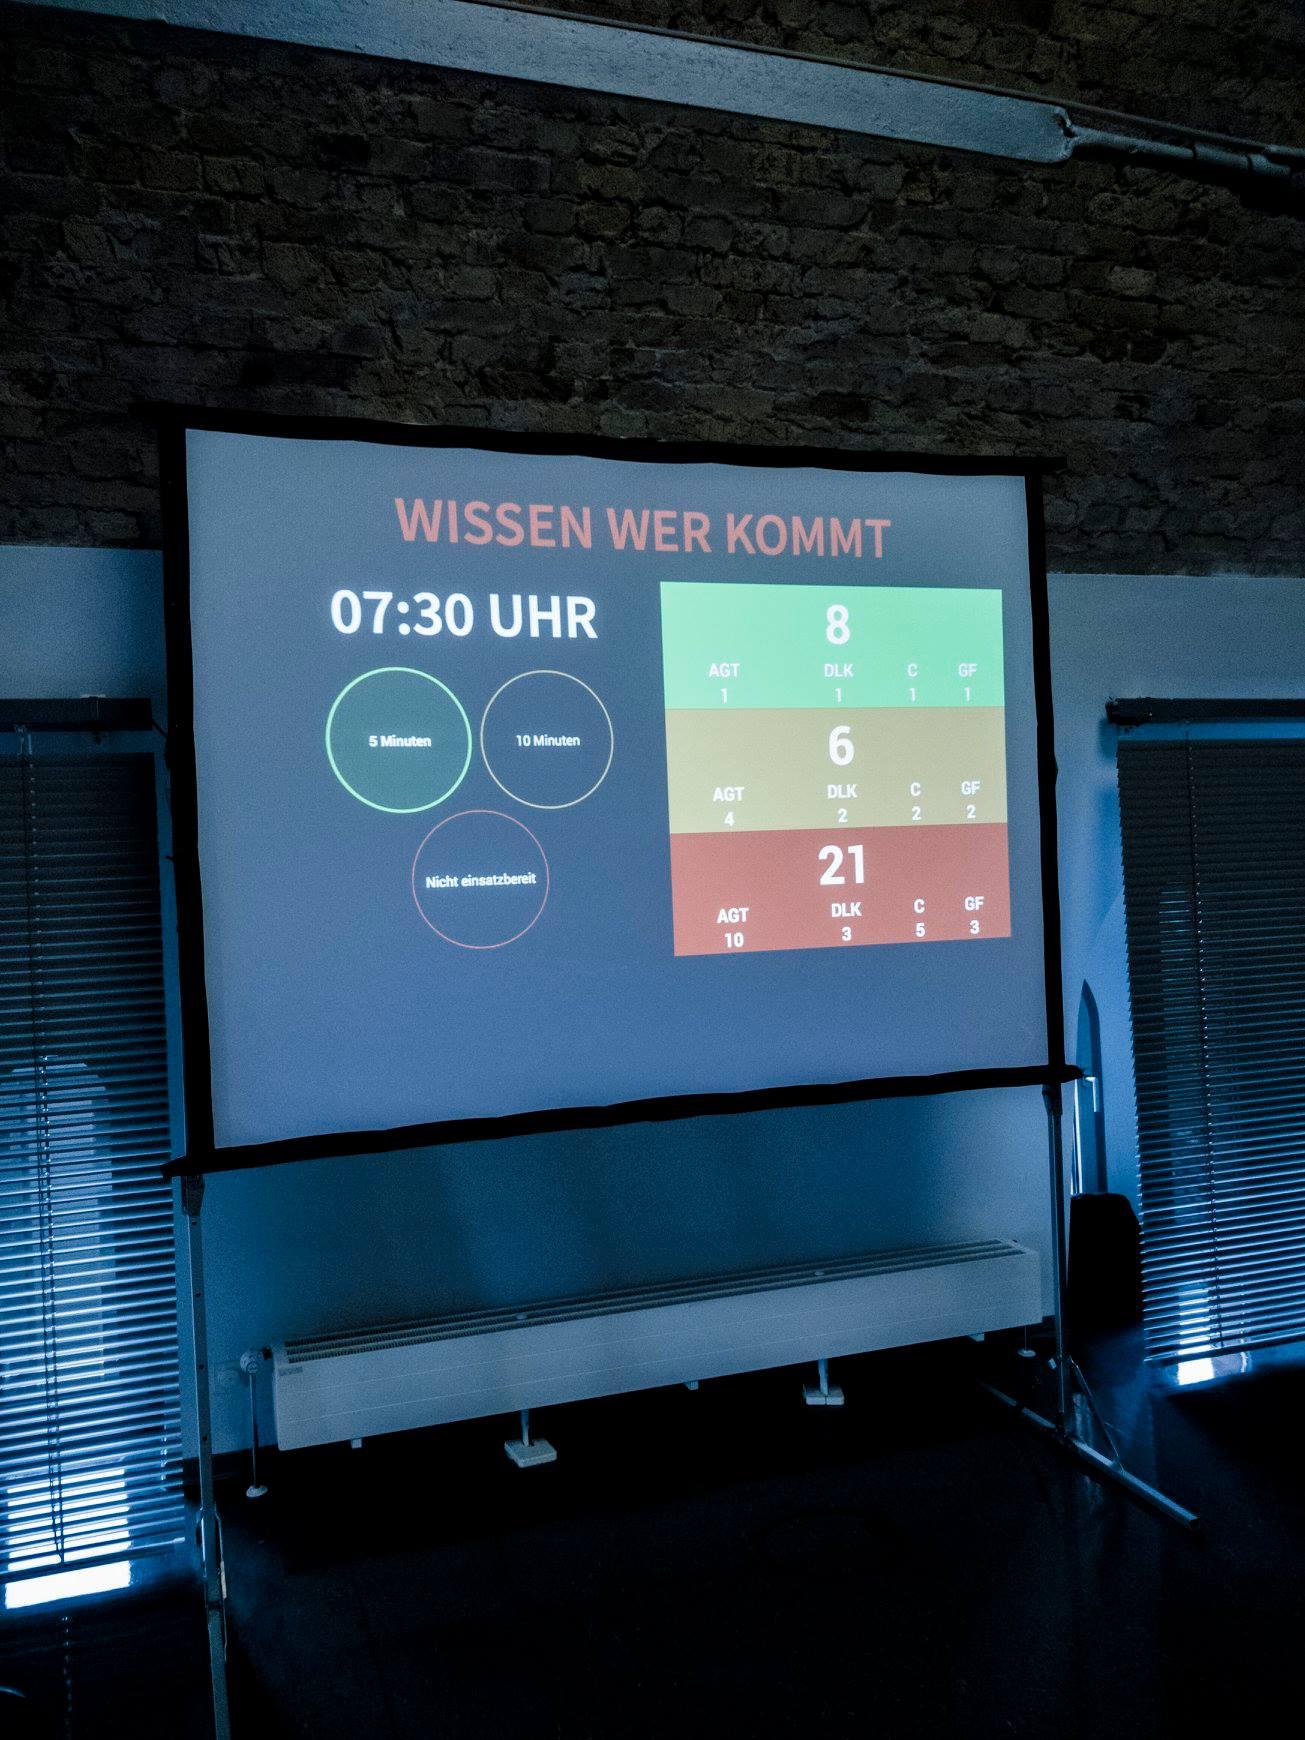 Dr. Bernhard Horst präsentiert der Jury das Verfügbarkeitssystem und die sich daraus ergebenden Chancen für den Bevölkerung und die Einbindung ehrenamtlicher Einsatzkräfte